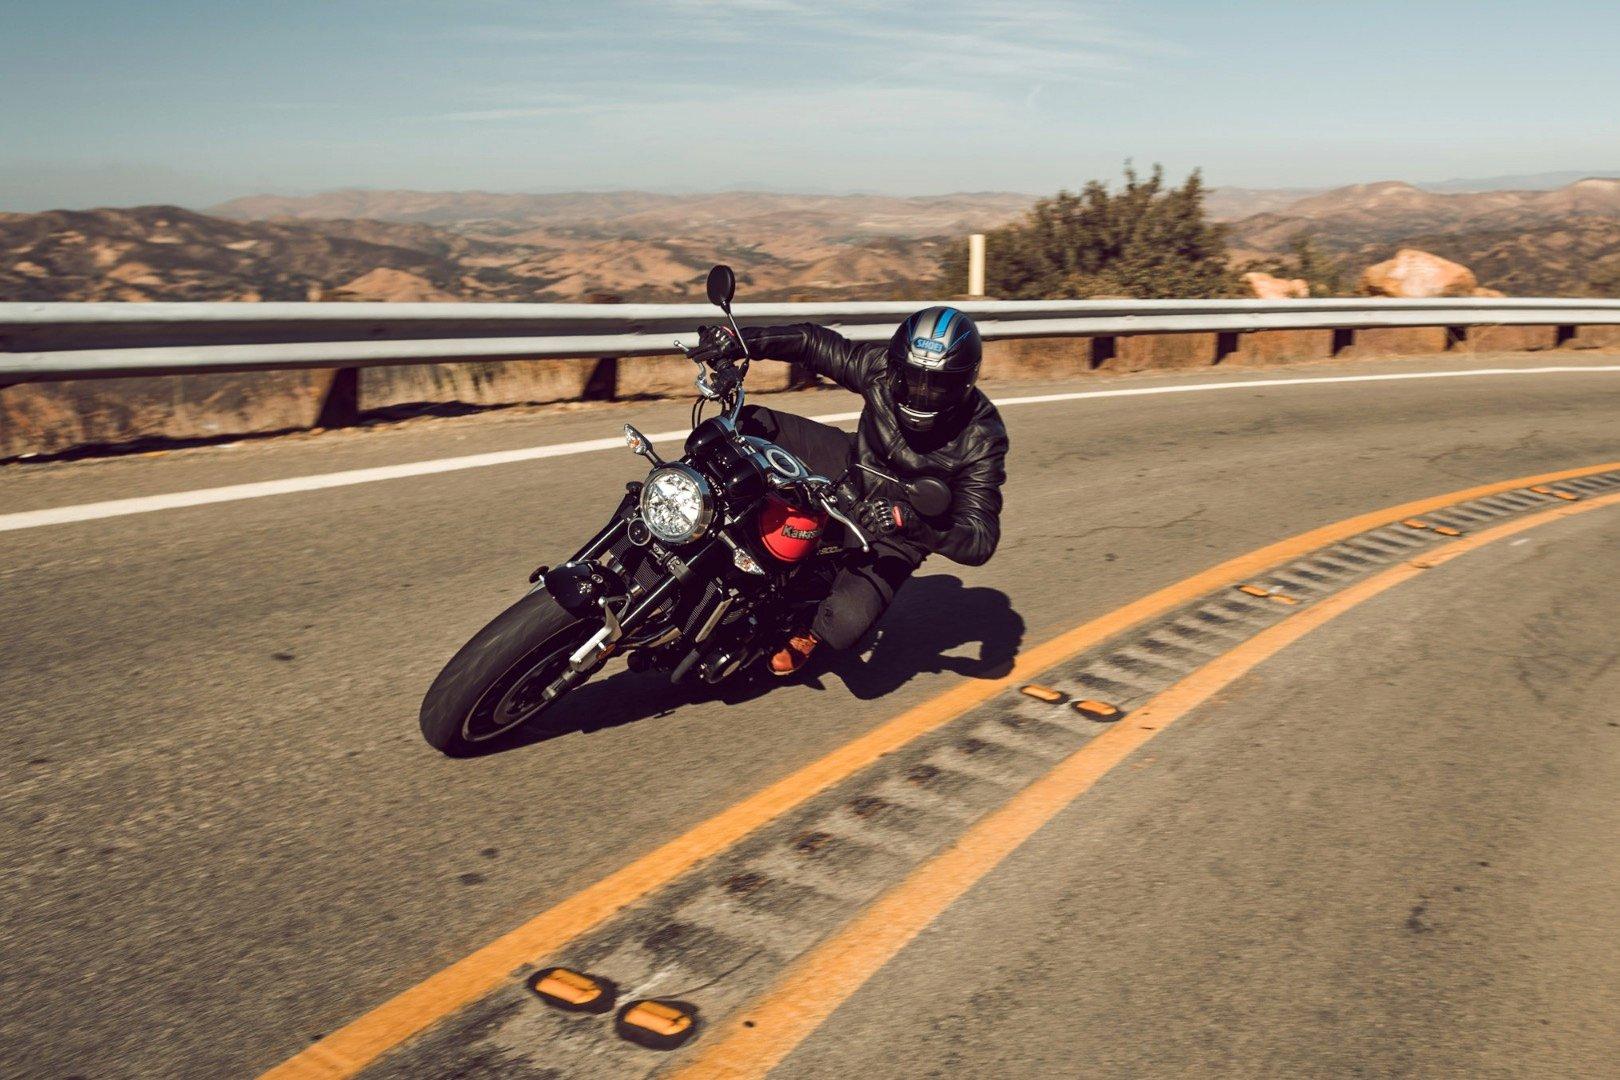 2018 Kawasaki Z900RS Review | 15 Fast Facts